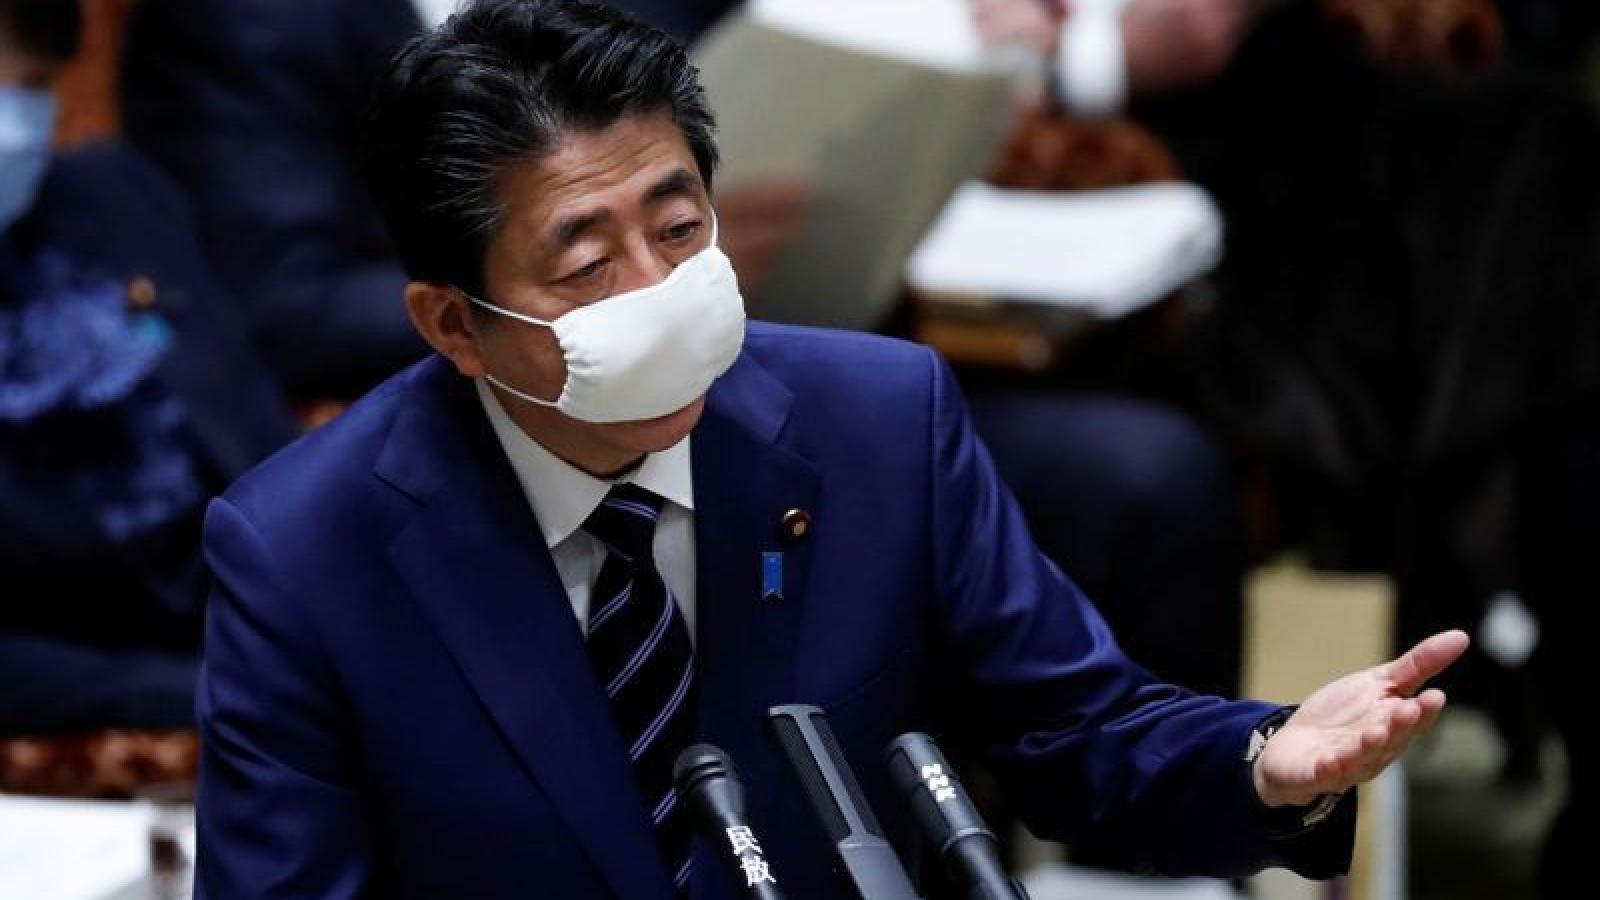 Nhật Bản dự kiến kéo dài tình trạng khẩn cấp đến cuối tháng 5